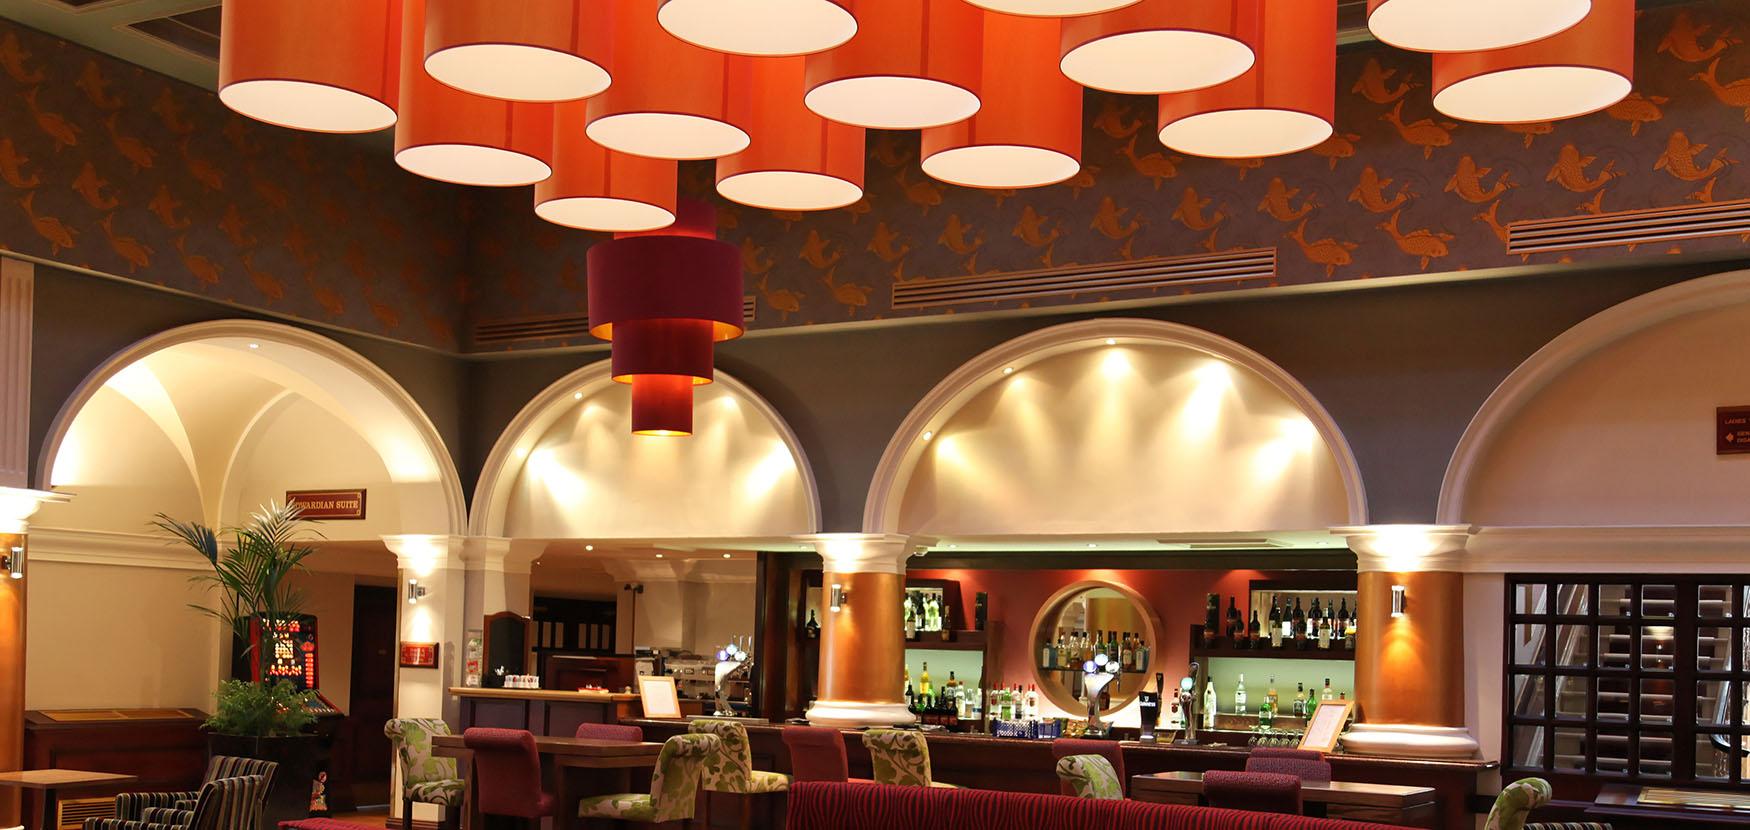 Mercure's Royal Hotel, Hull